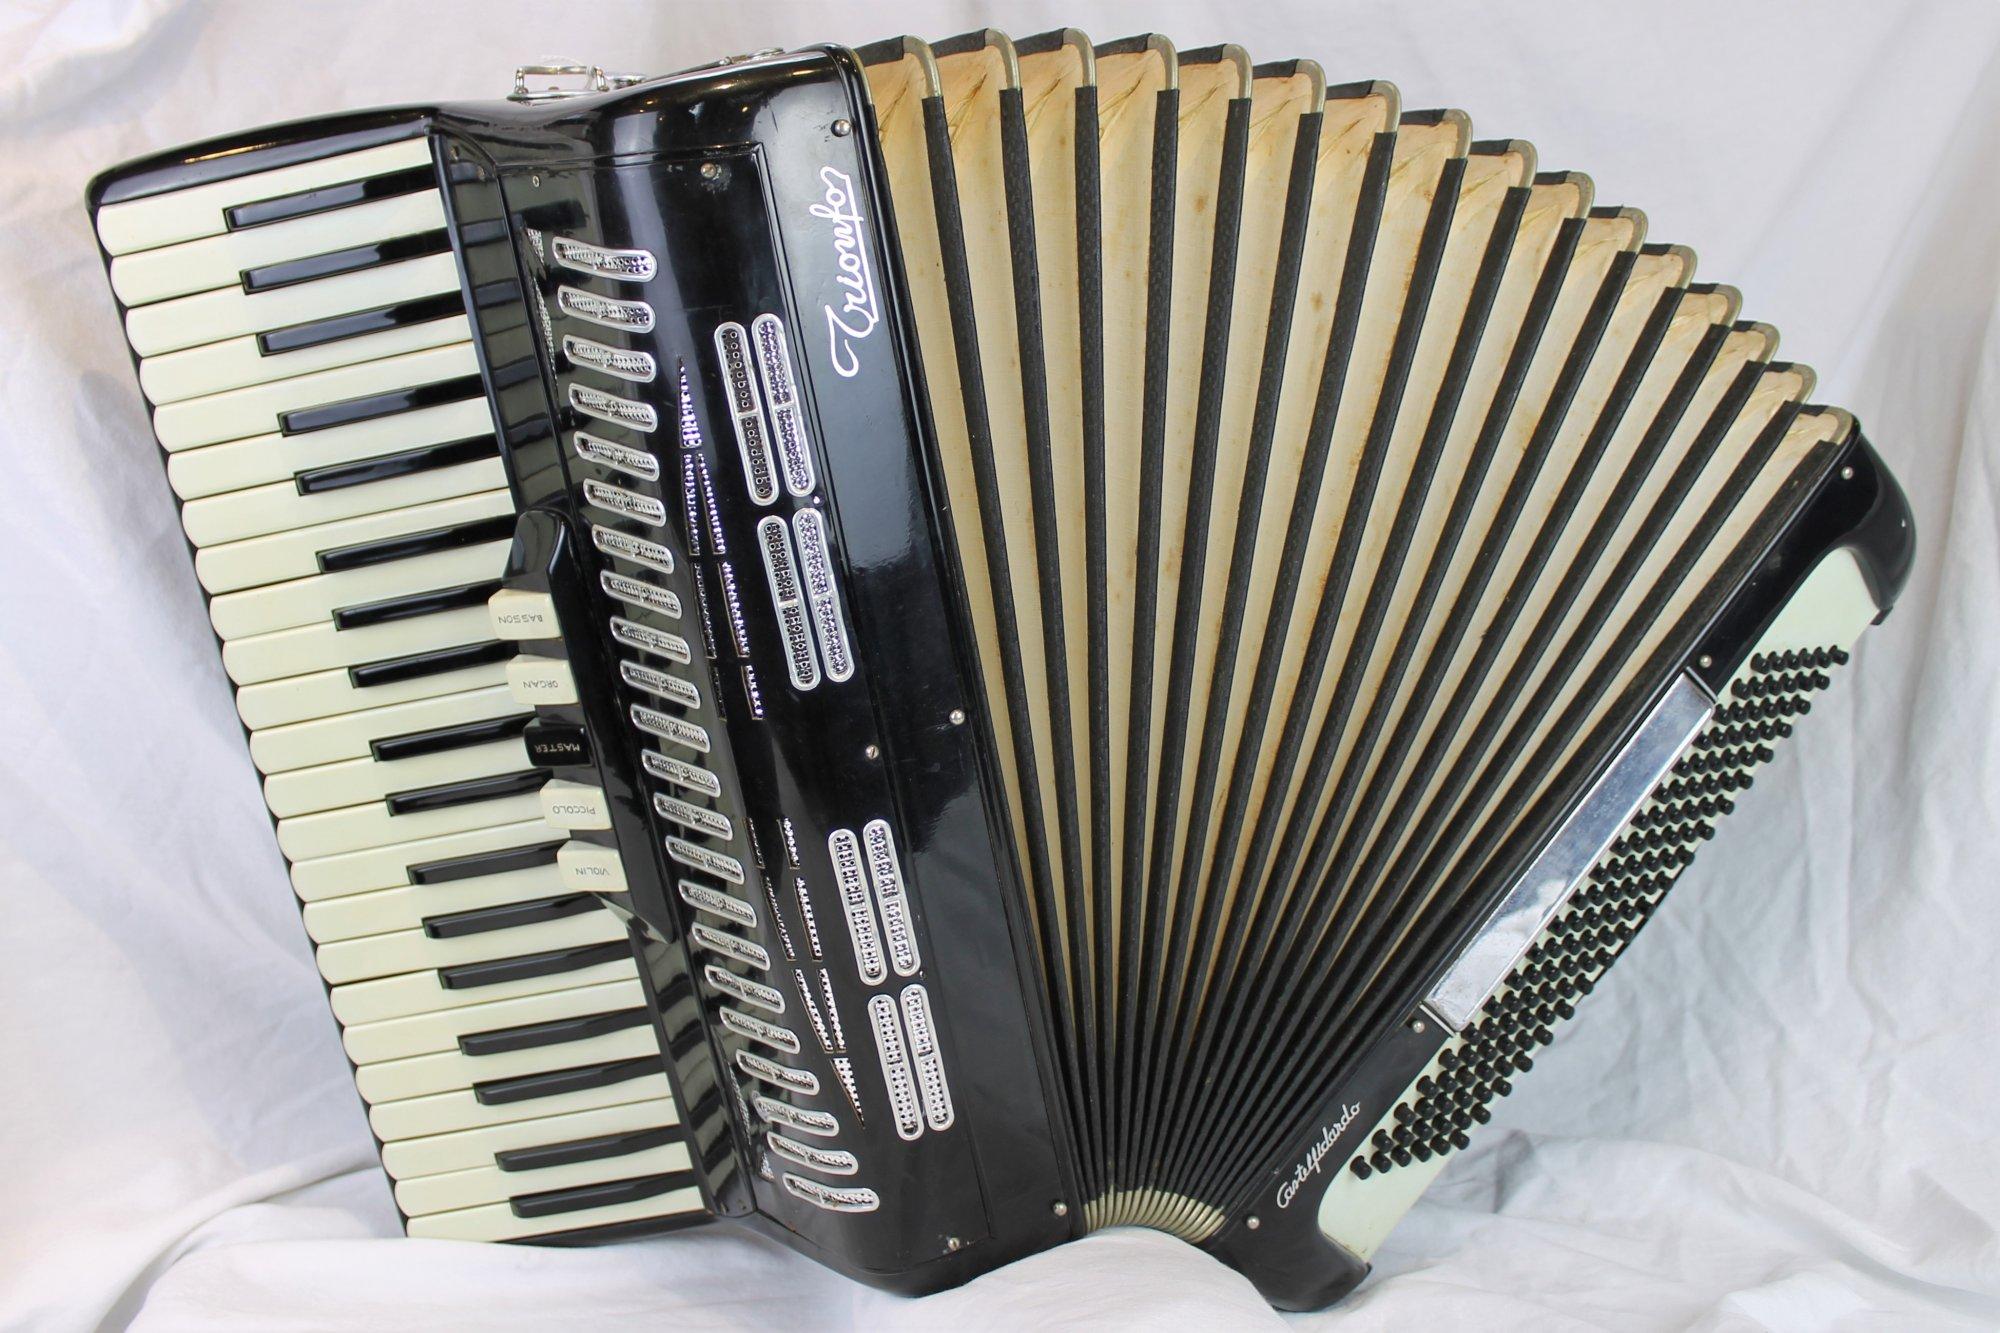 4416 - Black Trionfo Piano Accordion LMH 41 120